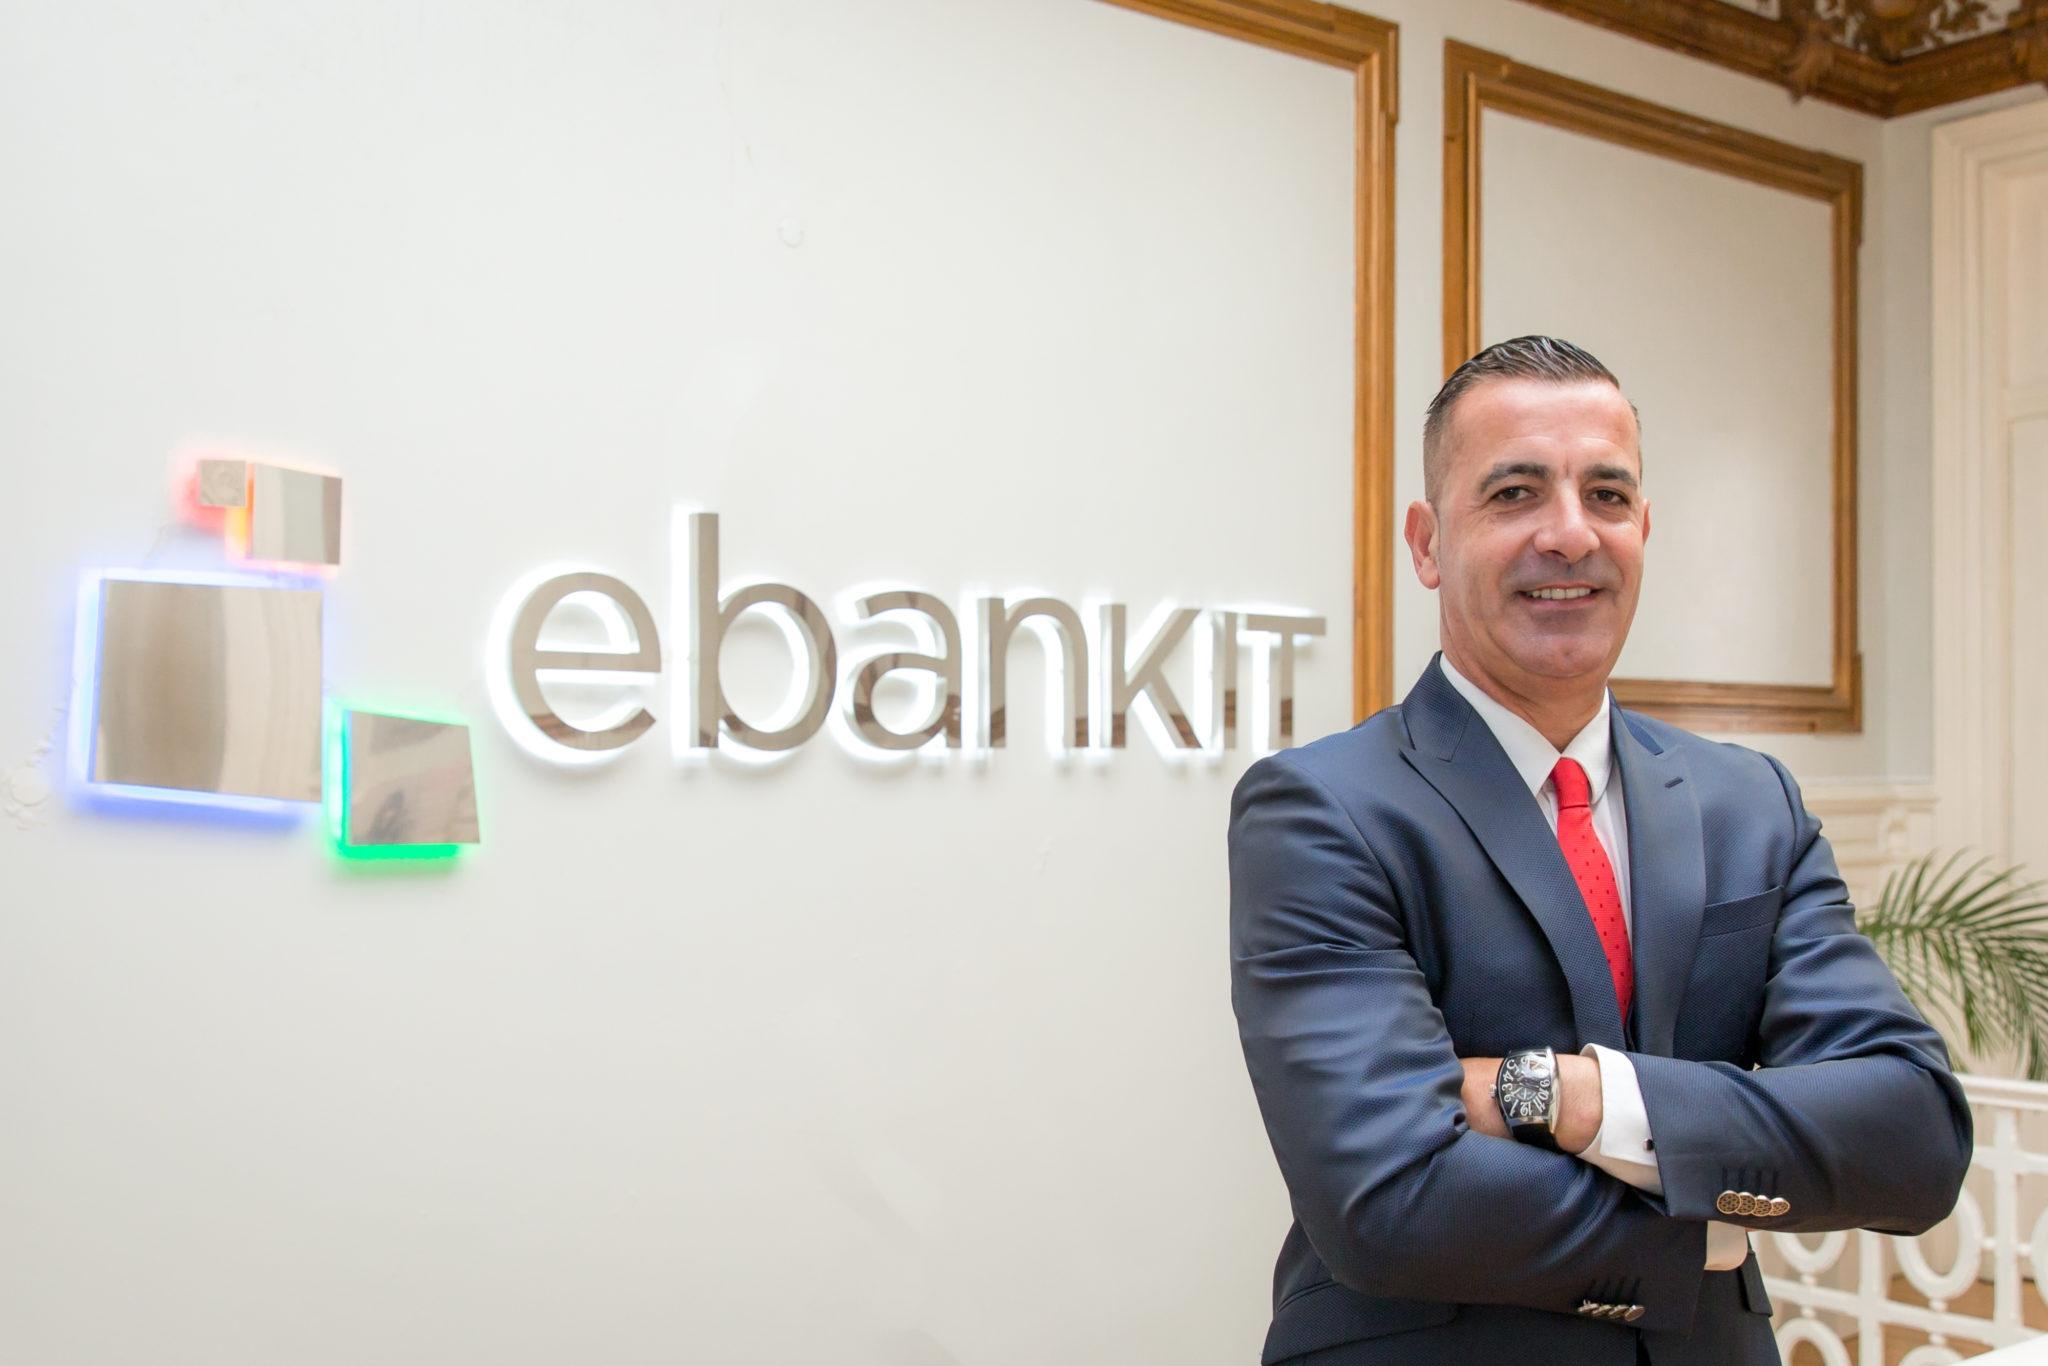 Renato Oliveira, CEO da ebankIt